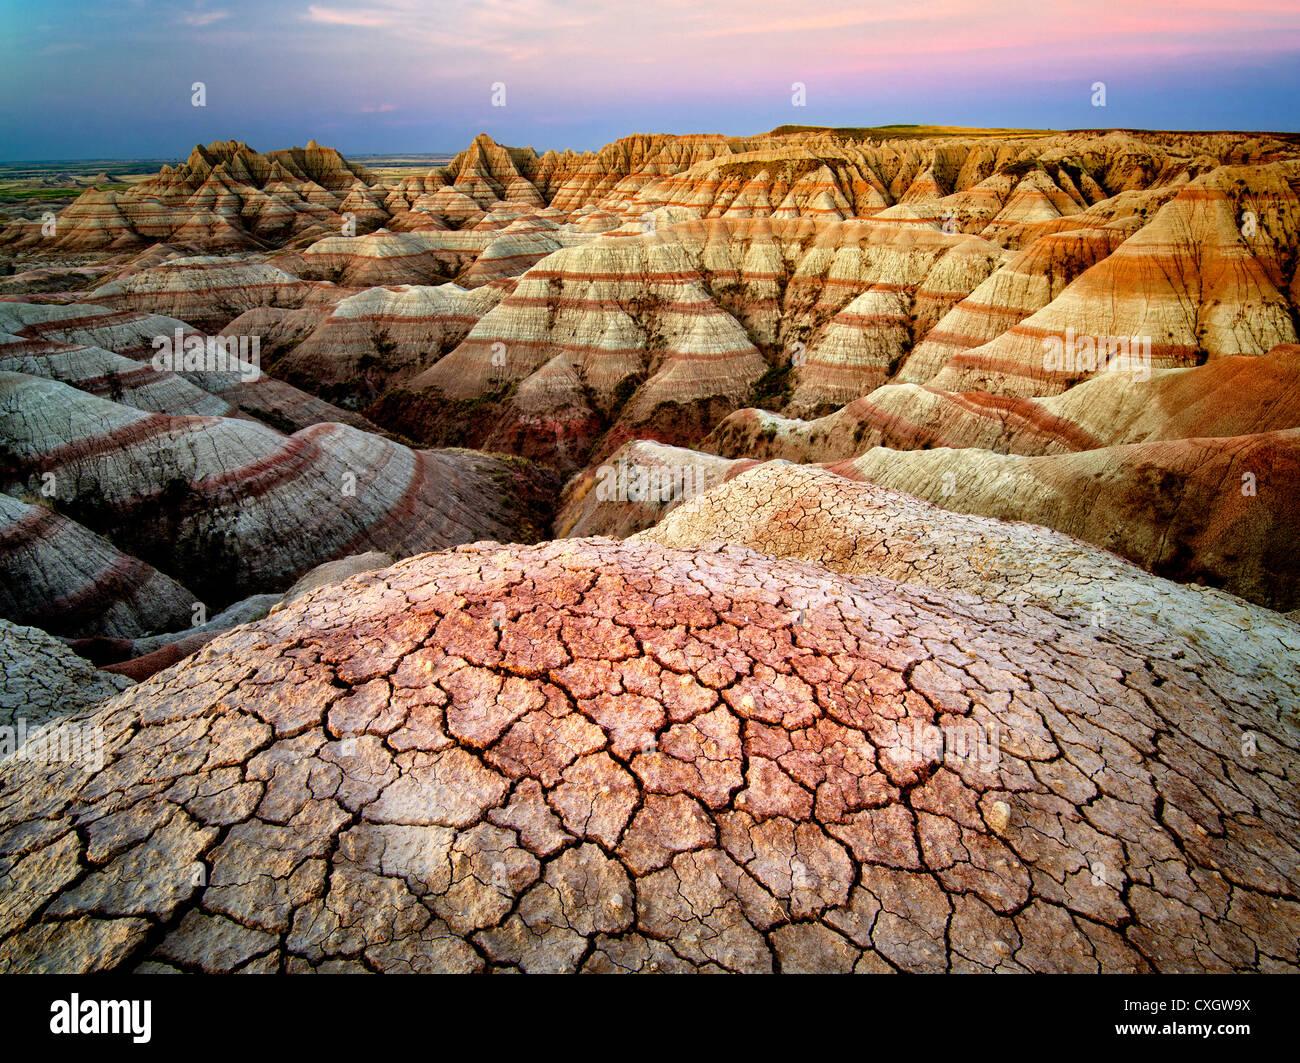 Erosionados y formaciones de roca agrietada y barro. El Parque Nacional Badlands. Formaciones de Dakota del Sur. Imagen De Stock